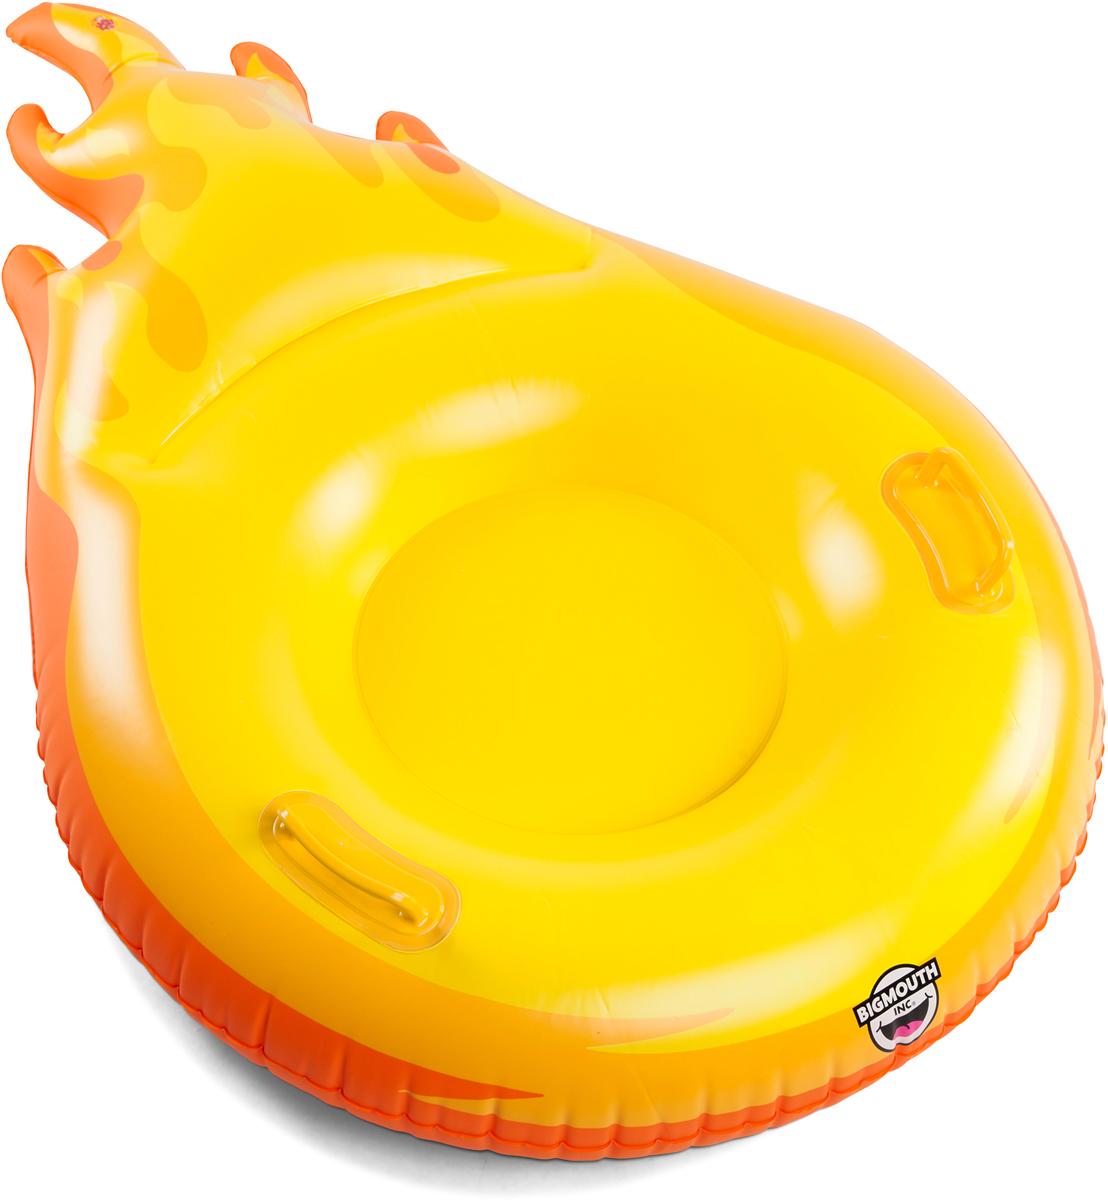 Тюбинг надувной BigMouth Flaming Fireball, цвет: желтый, диаметр 1 мBMST-0010Виниловый тюбинг в форме кометы для зимнего катания с горки. Тюбинг имеет яркую расцветку и оригинальный дизайн. Изделие выполнено из высокопрочного винила soft touch, что делает его не только долговечным, но и комфортным в использовании. Усиленная проклейка швов и крепление деталей не позволит тюбингу порваться даже при использовании на сильно обледеневших поверхностях. Для удобства катания модель дополнена специальными ручками. Яркий и стильный тюбинг выделит своего владельца среди всех отдыхающих на склоне. Нестандартный дизайн добавит удовольствия катанию и не позволит потерять свой транспорт в суматохе после спуска. Тюбинг станет идеальным подарком как для ребенка, так и для взрослого. С таким ярким спутником зимние дни пролетят весело и беззаботно.Зимние игры на свежем воздухе. Статья OZON Гид